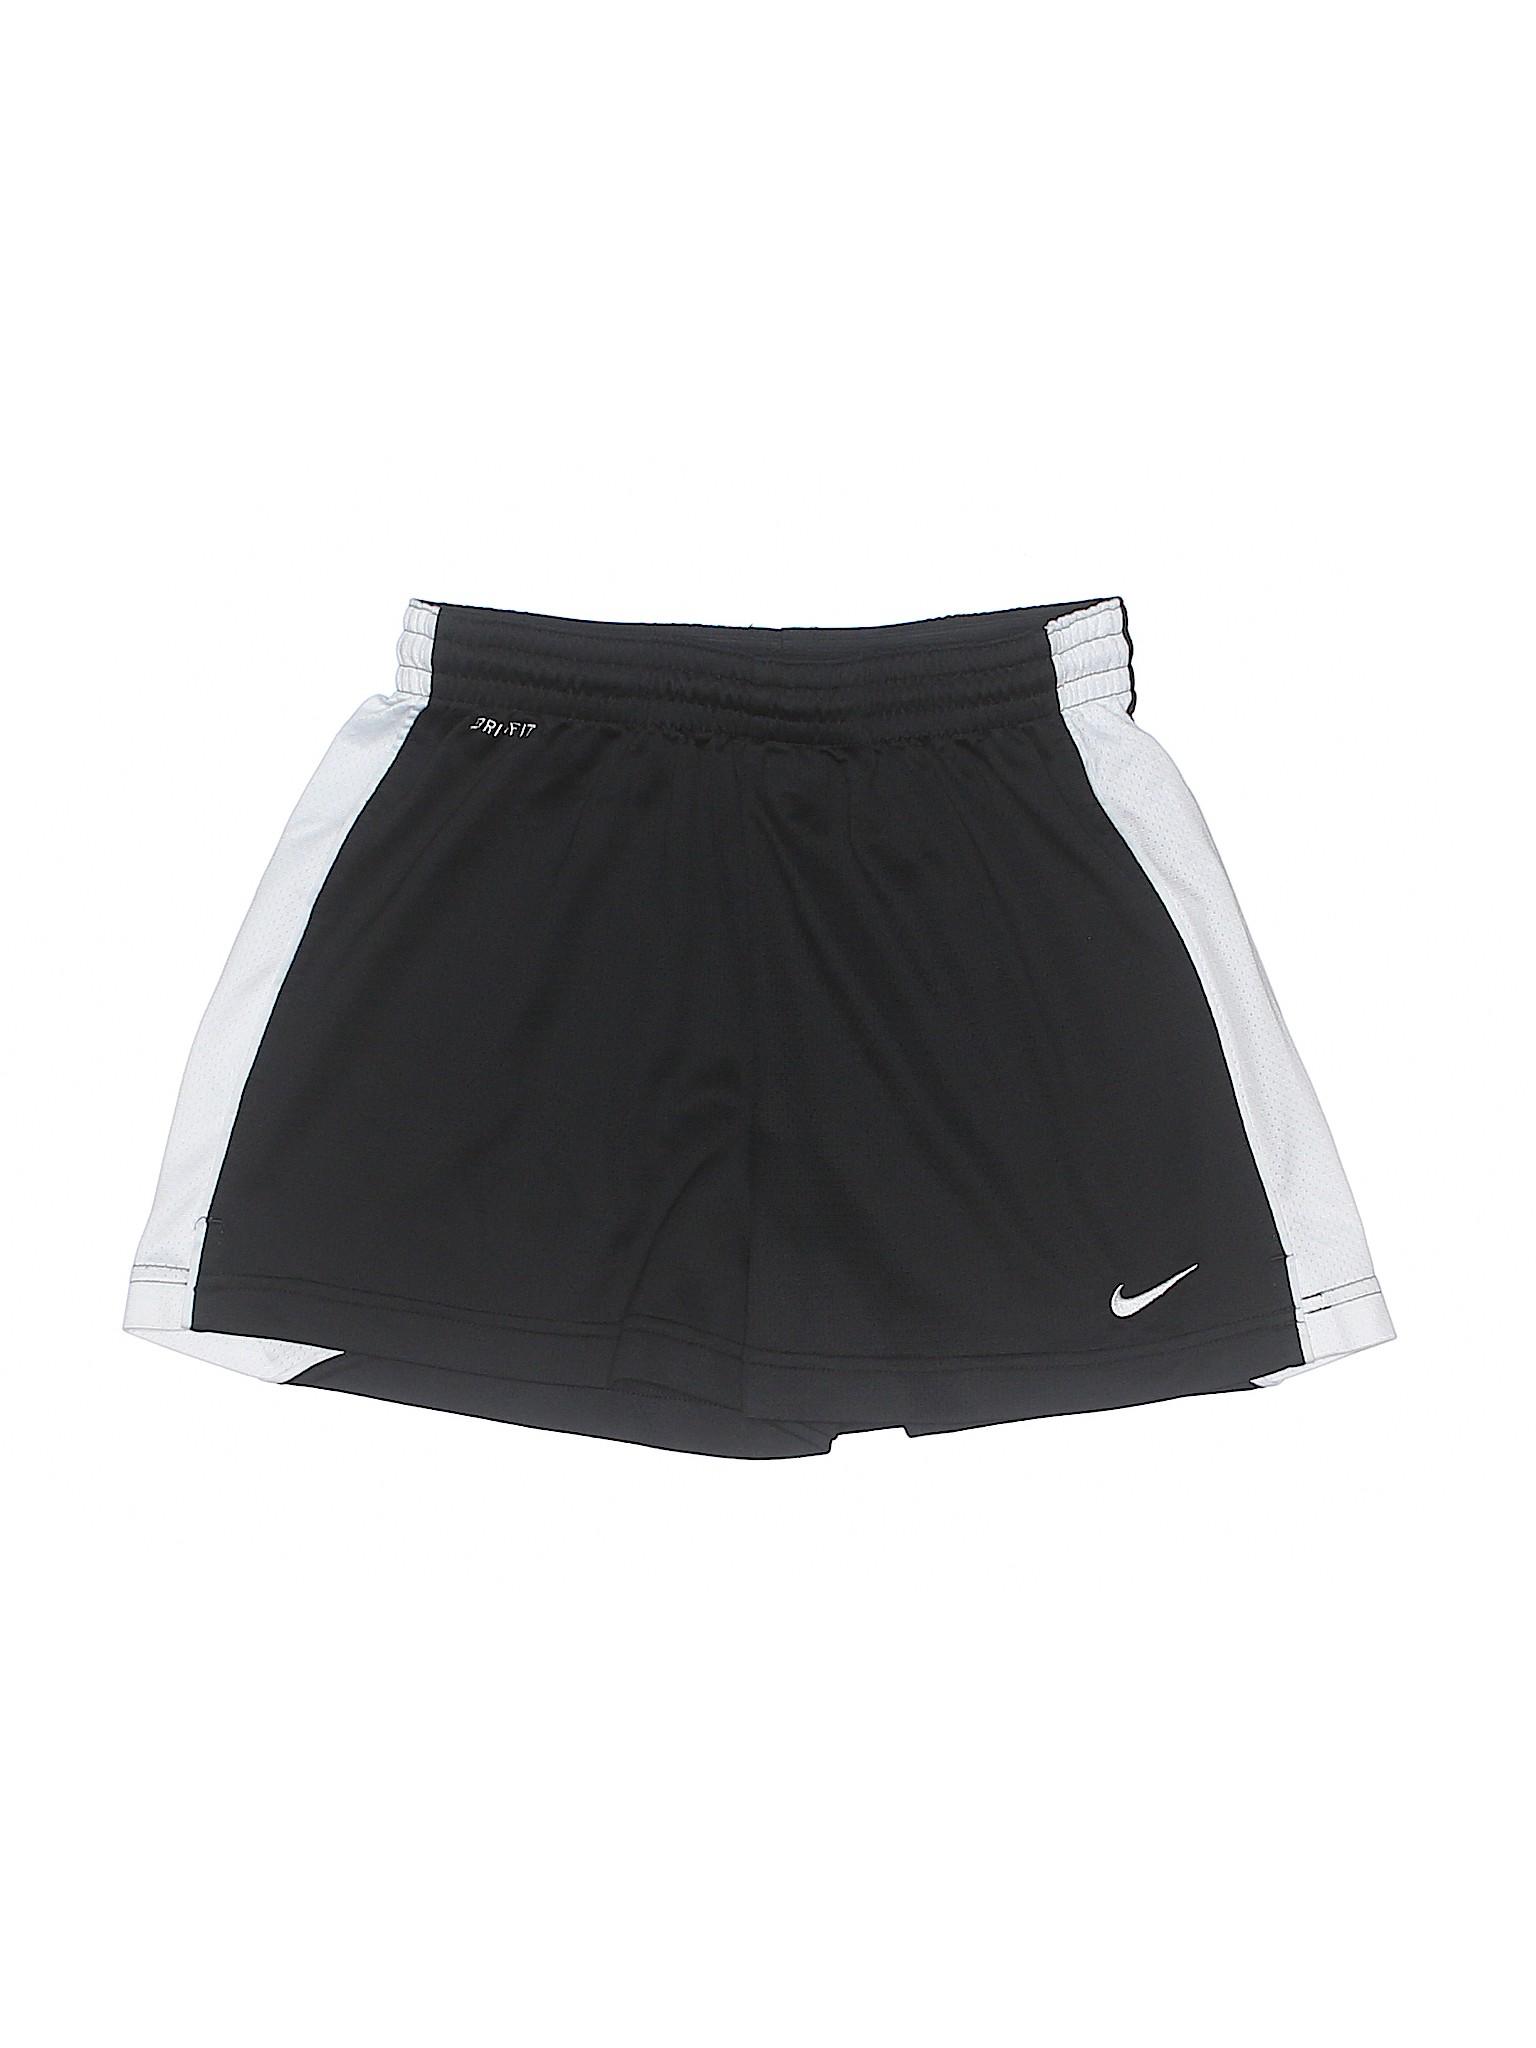 Shorts Nike Nike Athletic Boutique Athletic Boutique Shorts xYYHFnw